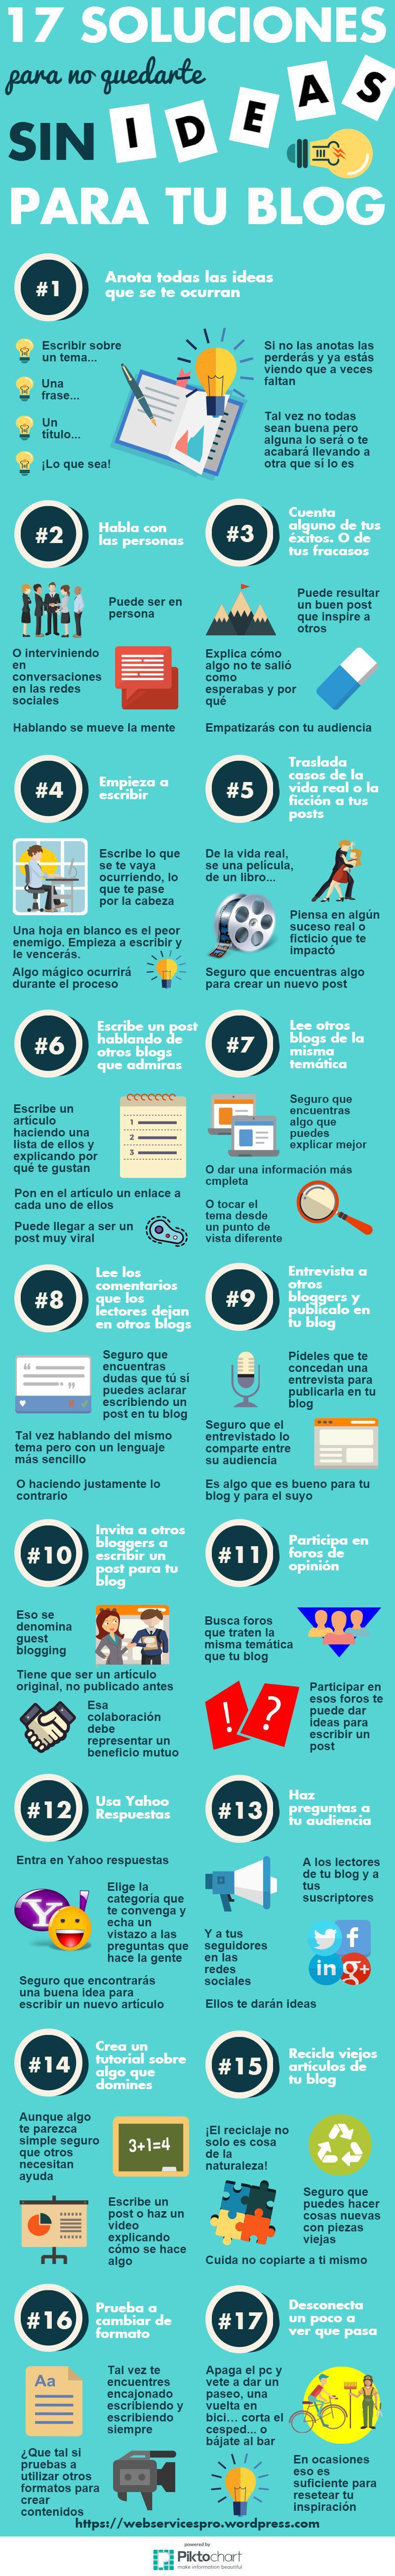 17 Soluciones para no quedarte sin ideas para tu Blog